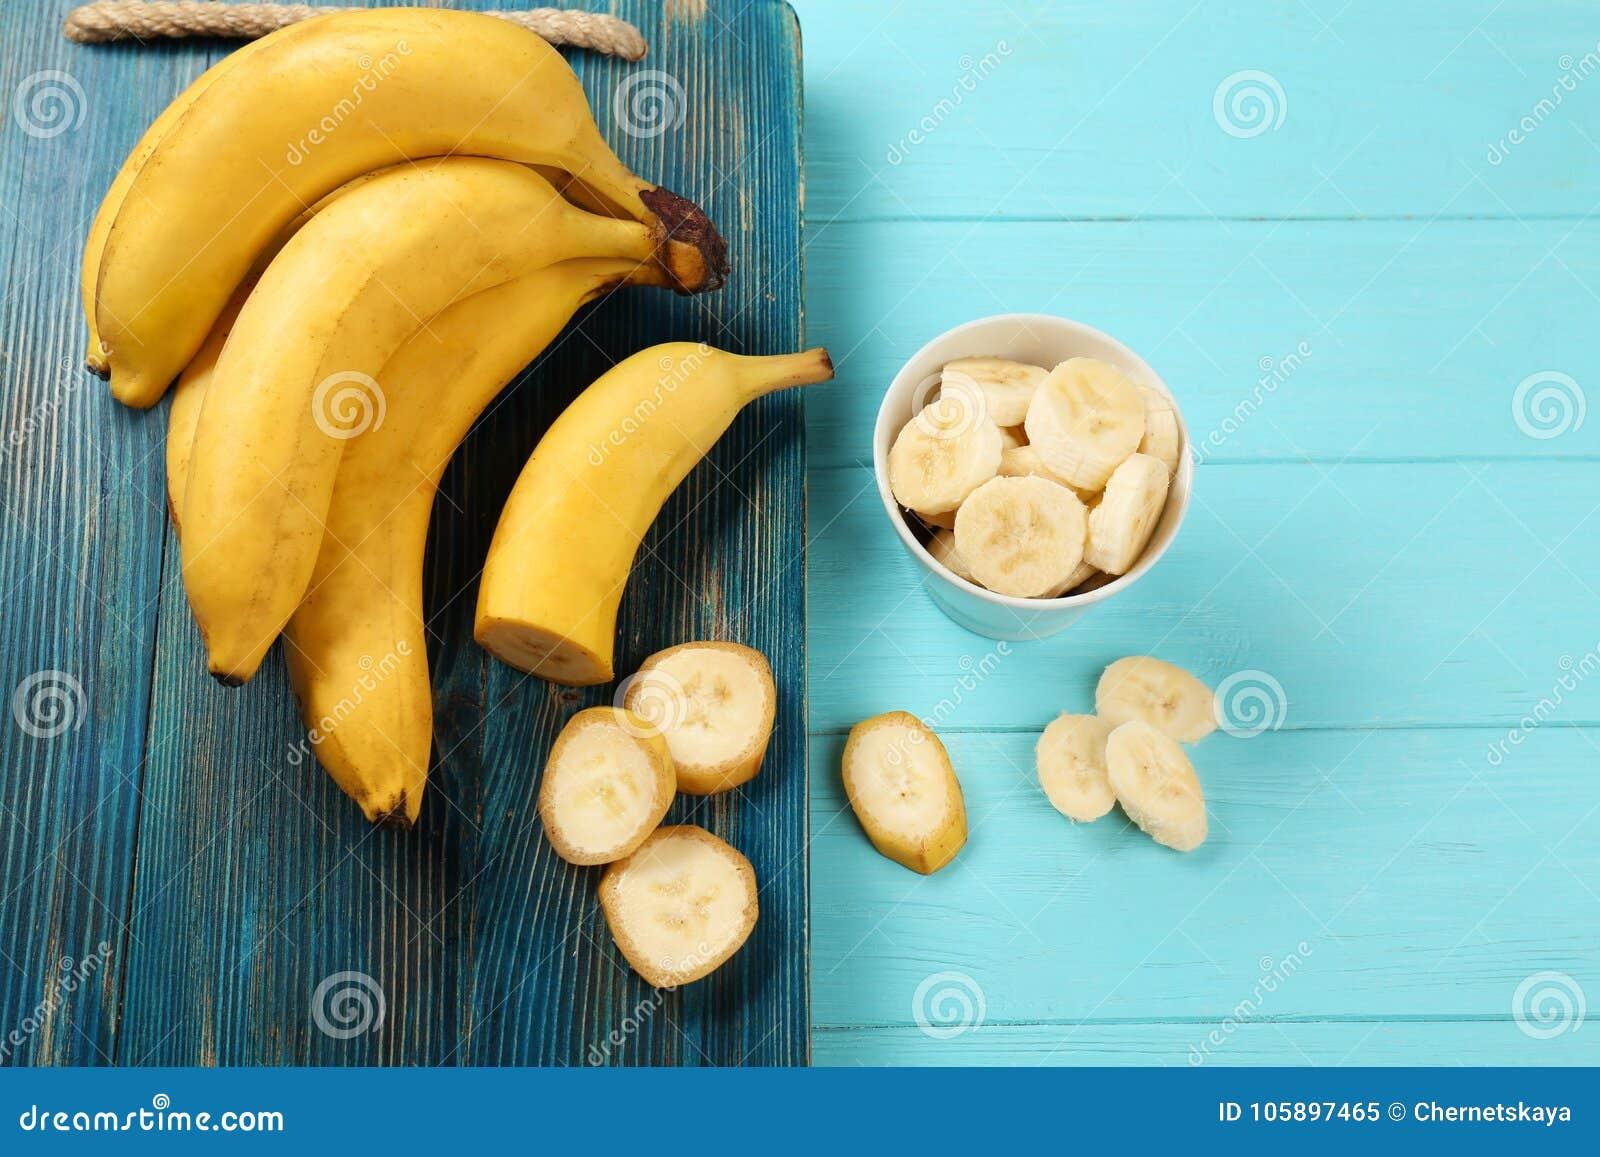 Yummy μπανάνες και κύπελλο με τις φέτες